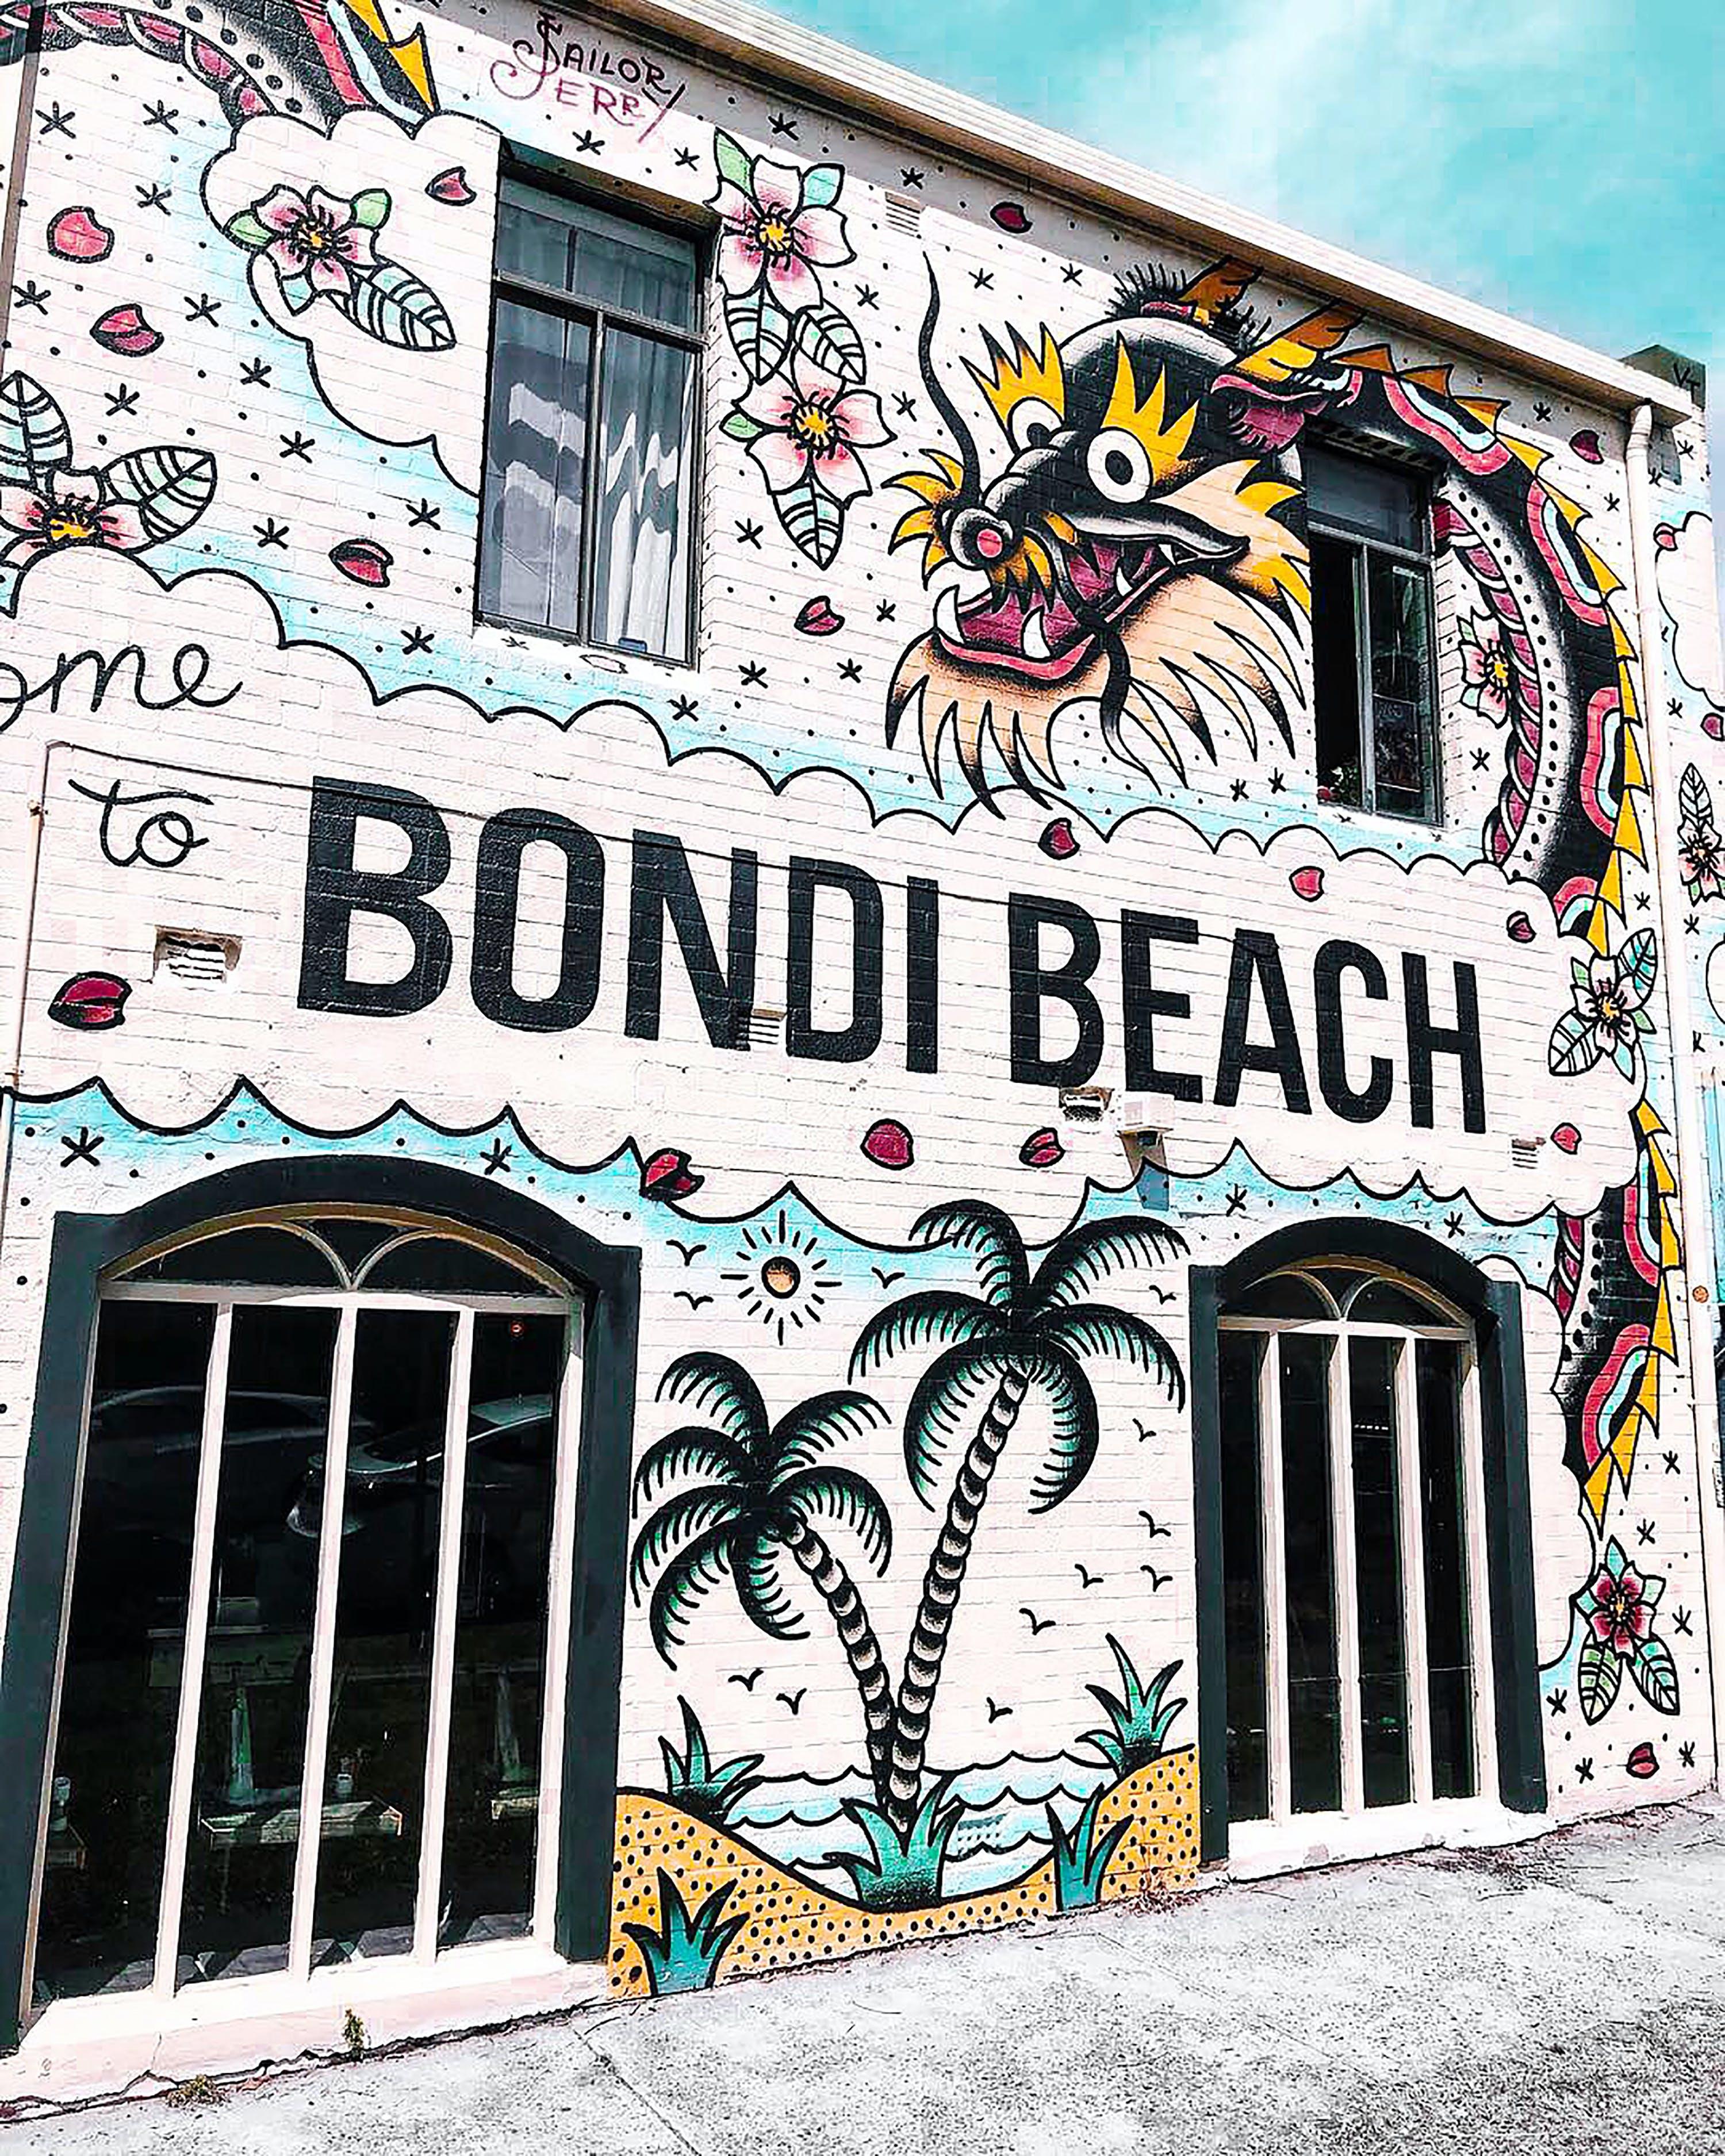 Δωρεάν στοκ φωτογραφιών με bondi, street art, streetart, αρχιτεκτονική